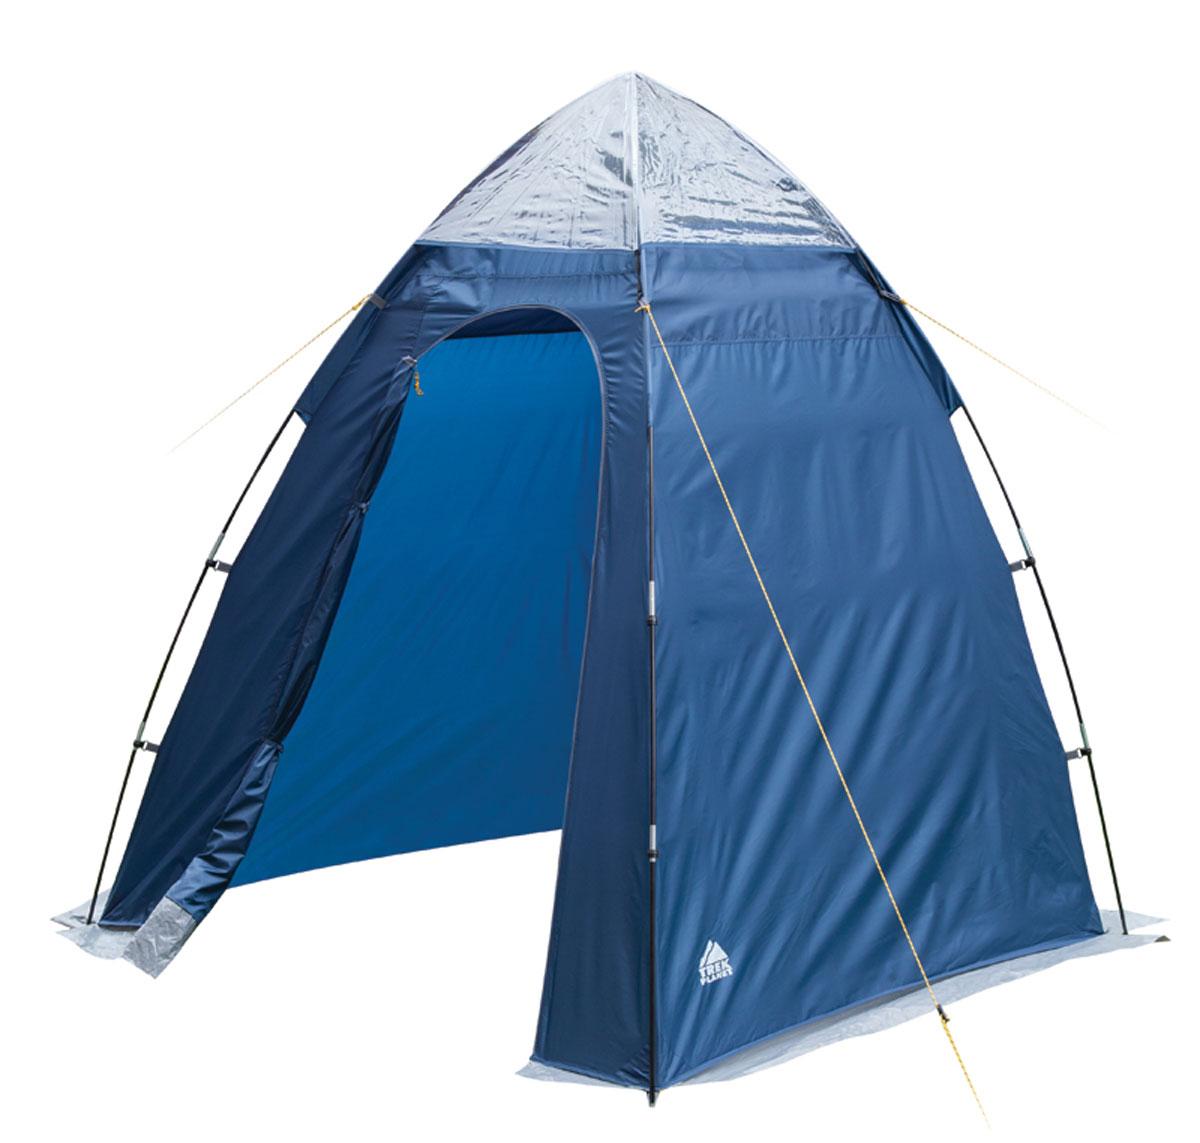 Тент Trek Planet Aqua Tent для душа/туалета, 165 см х 165 см х 200 см, цвет: синий, голубой70254Универсальный тент-шатер Trek Planet Aqua Tent. Применяется для оборудования душа или туалета. Незаменим при длительном кемпинге или в полевом лагере. Оборудован верхней вентиляцией. Особенности тента: - внутренние большие карманы вверху палатки для туалетных принадлежностей; - крючок для подвески душа вверху тента, также может использоваться для подвески фонаря; - каркас выполнен из прочного стеклопластика; - защитная юбка по периметру; - водостойкость 800 мм. Палатка упакована в сумку-чехол с ручками, застегивающуюся на застежку-молнию. Размер в сложенном виде 15 см х 59 см.